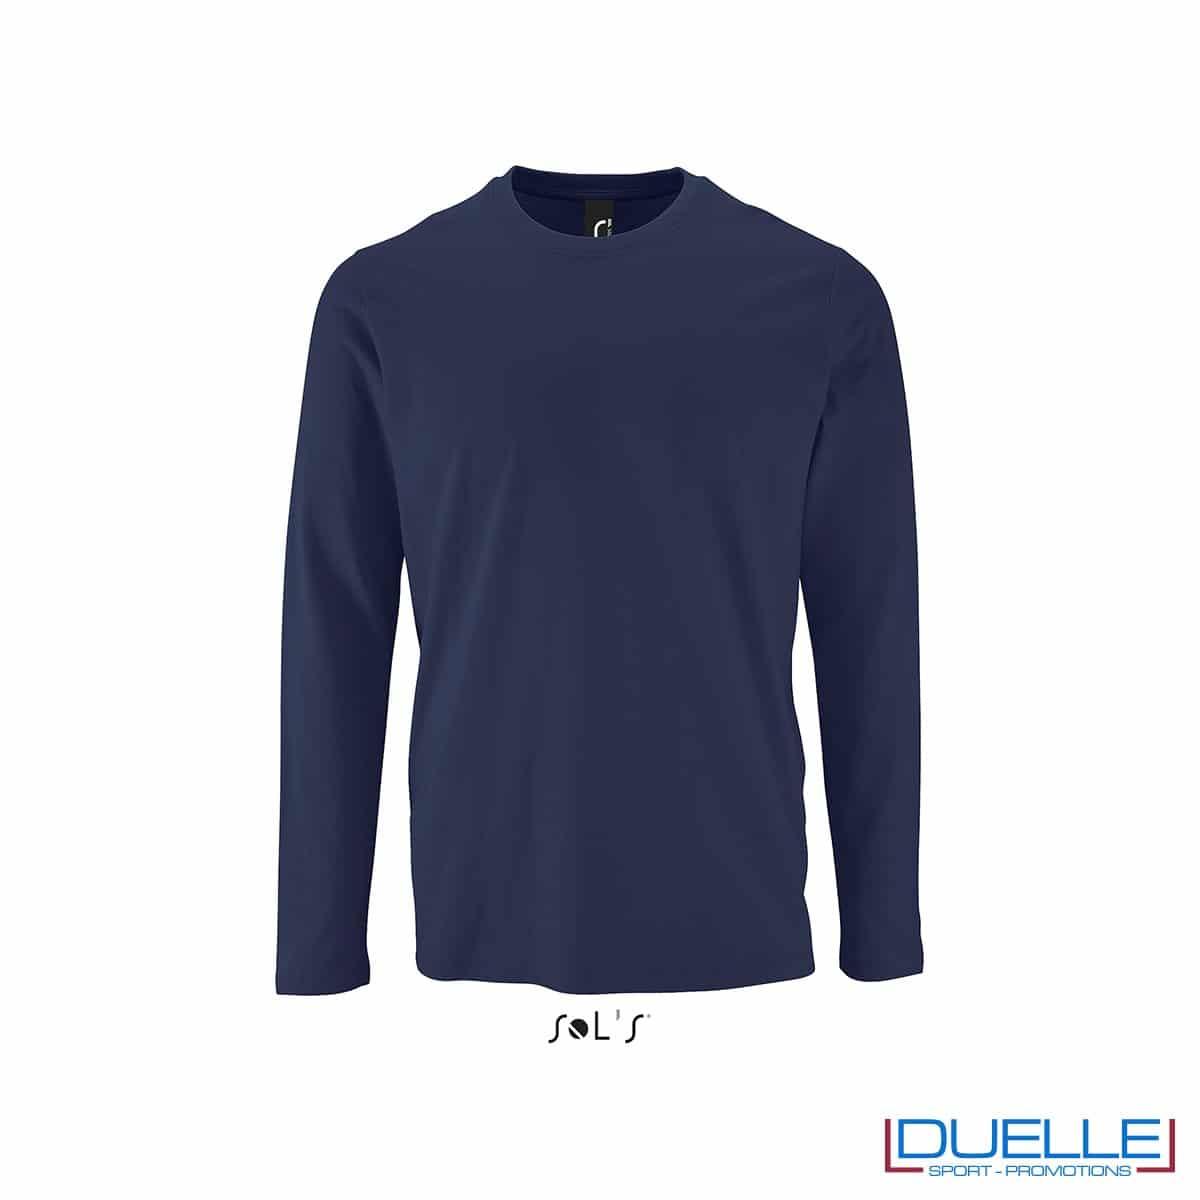 Maglietta manica lunga uomo personalizzata colore blu oltremare